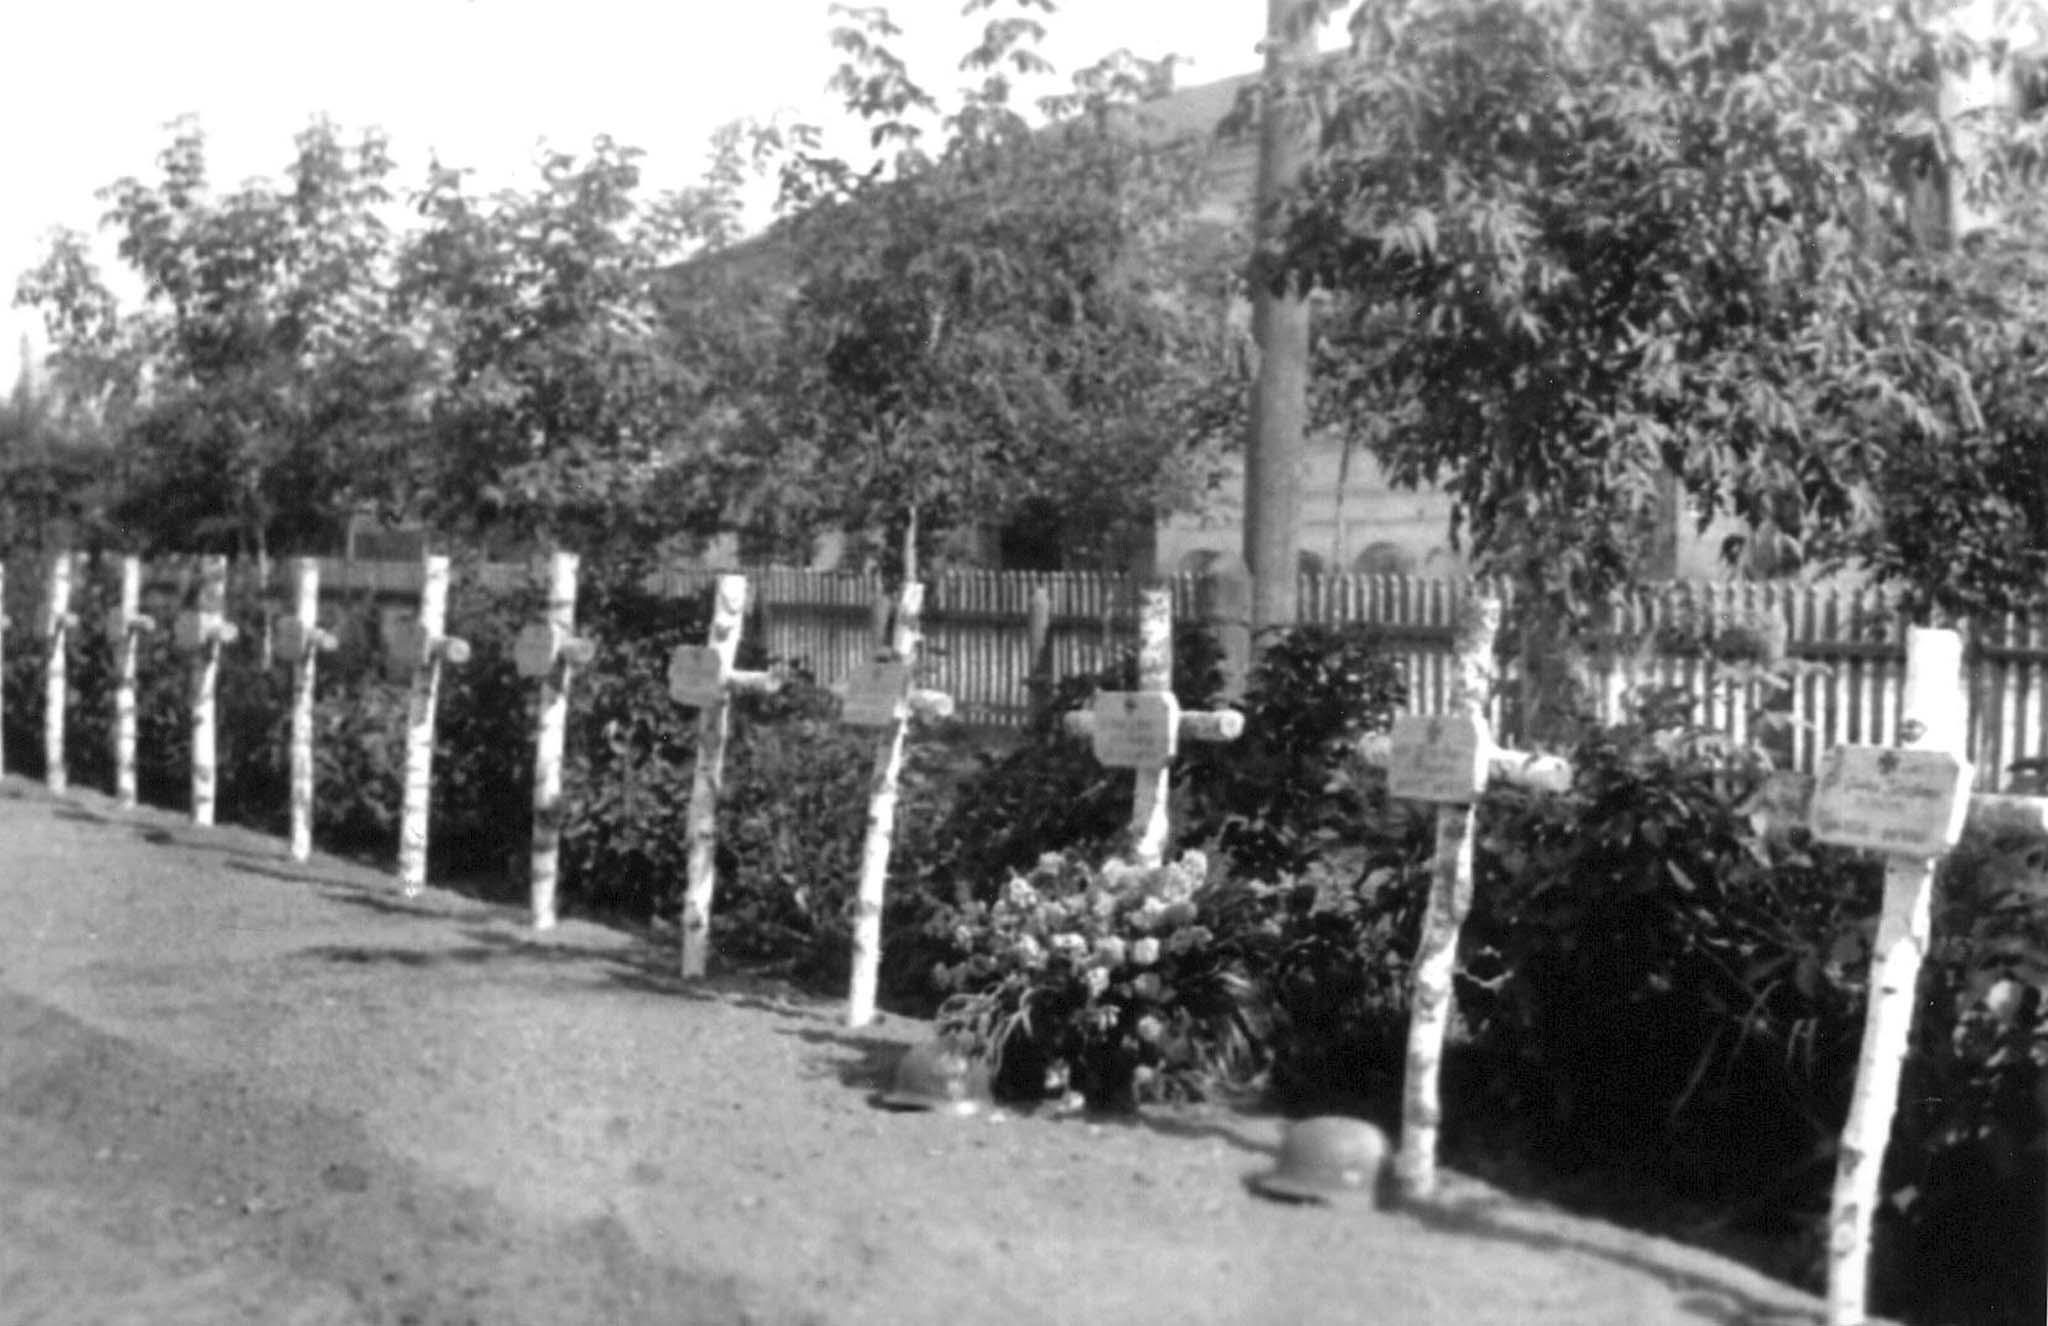 Cemetery of German soldiers